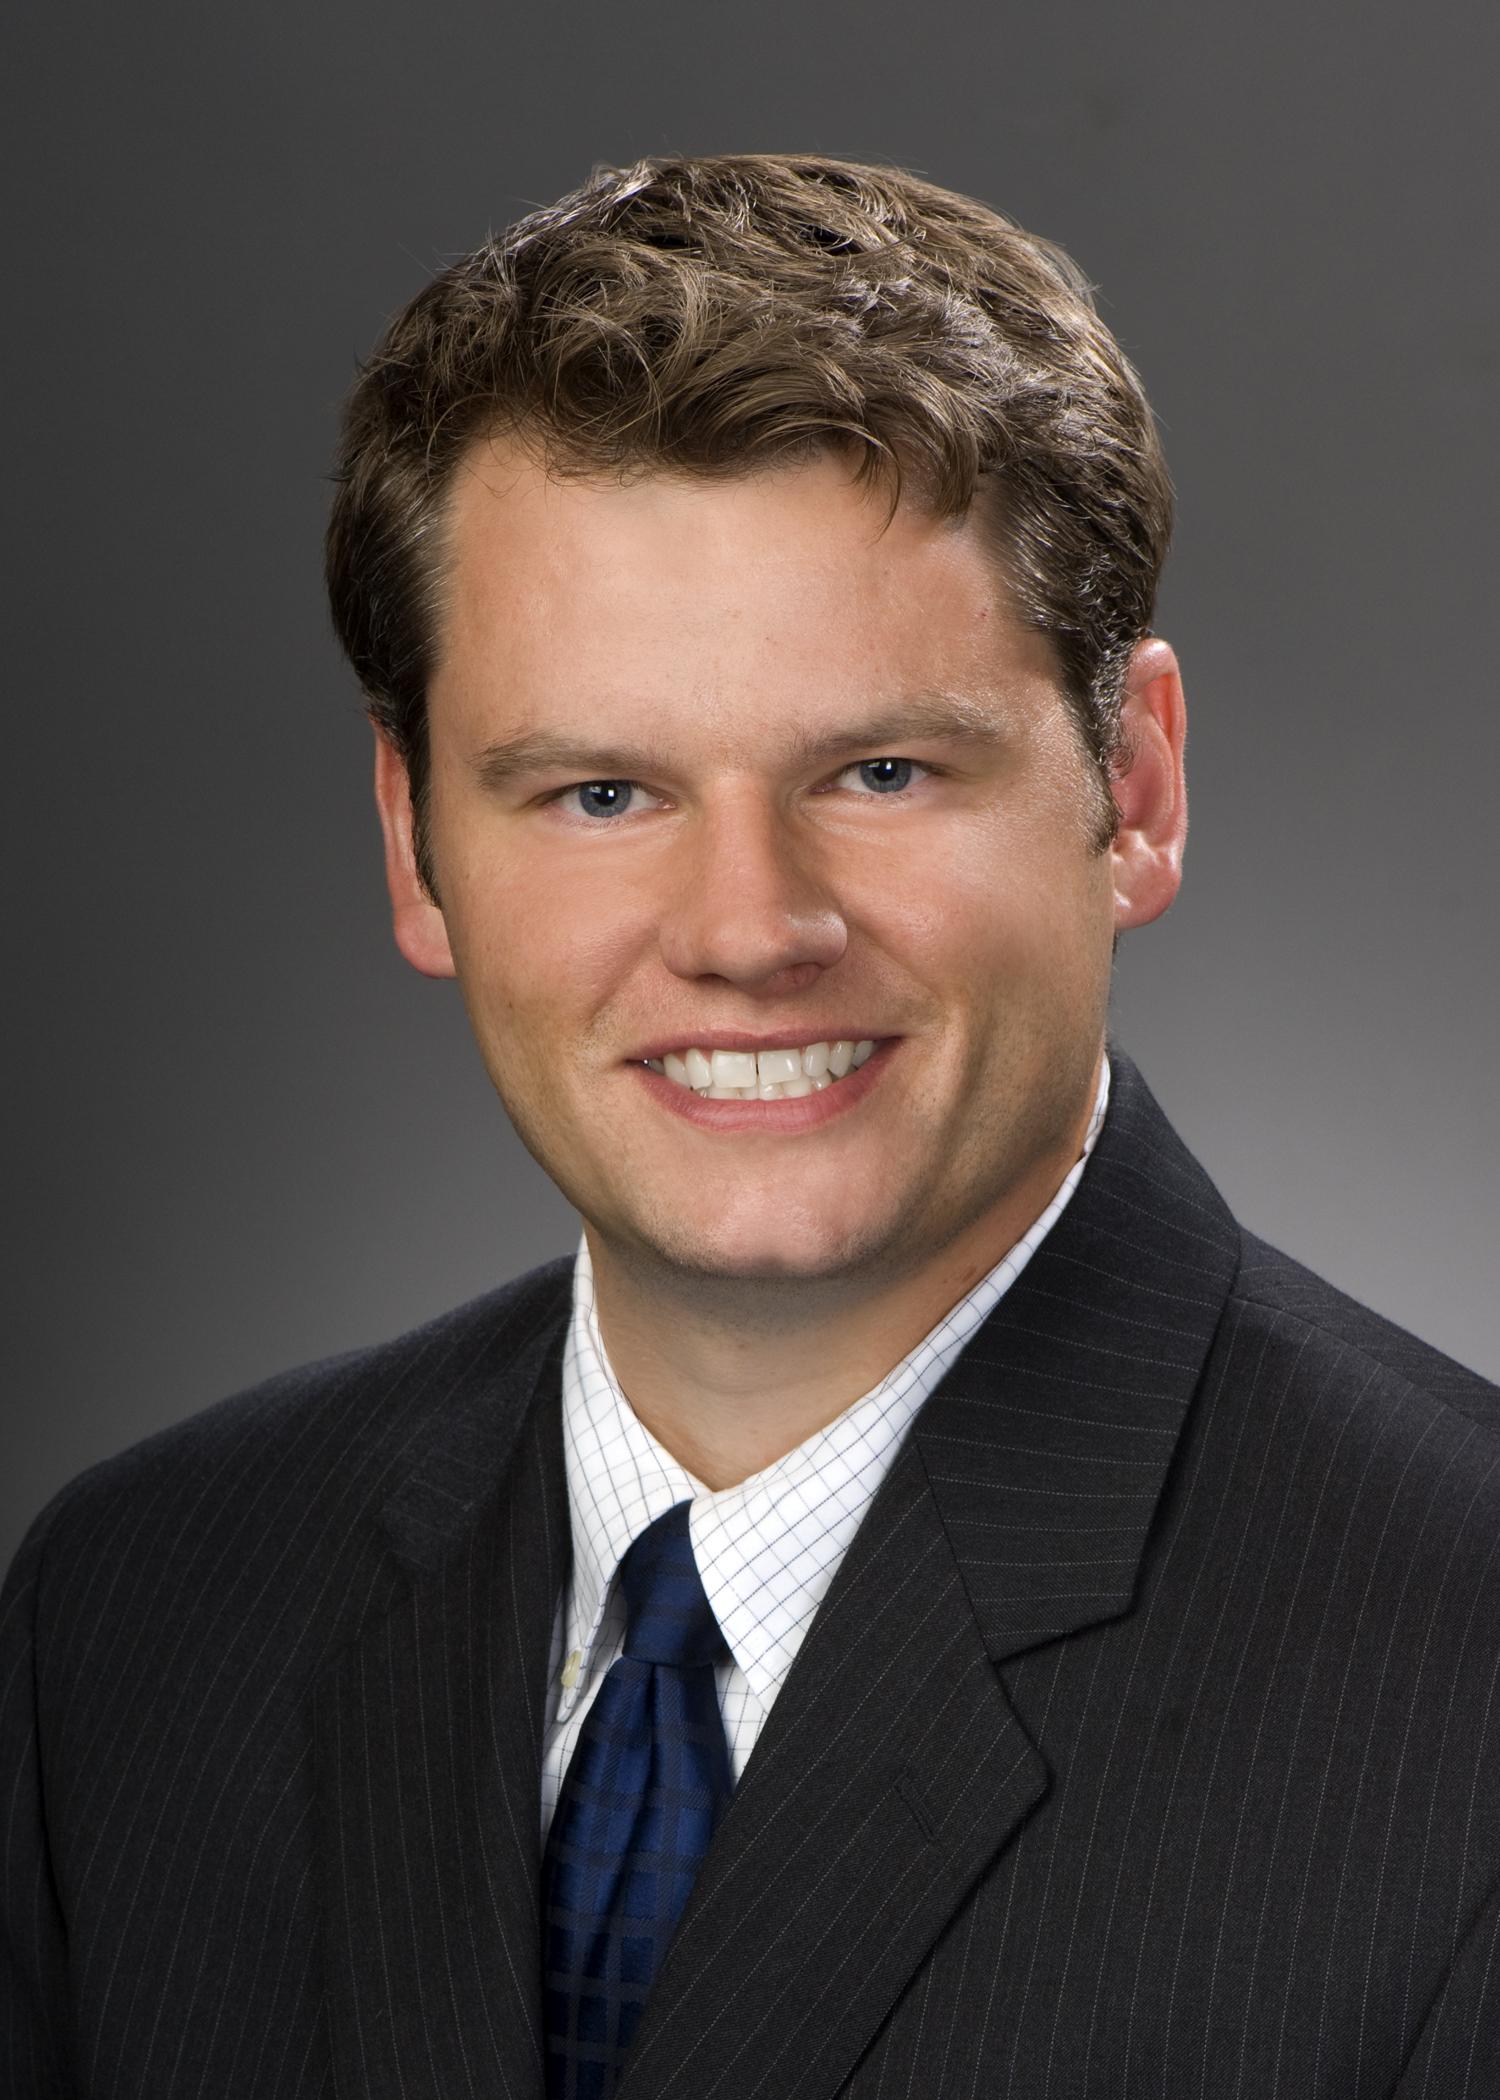 Ryan Biles